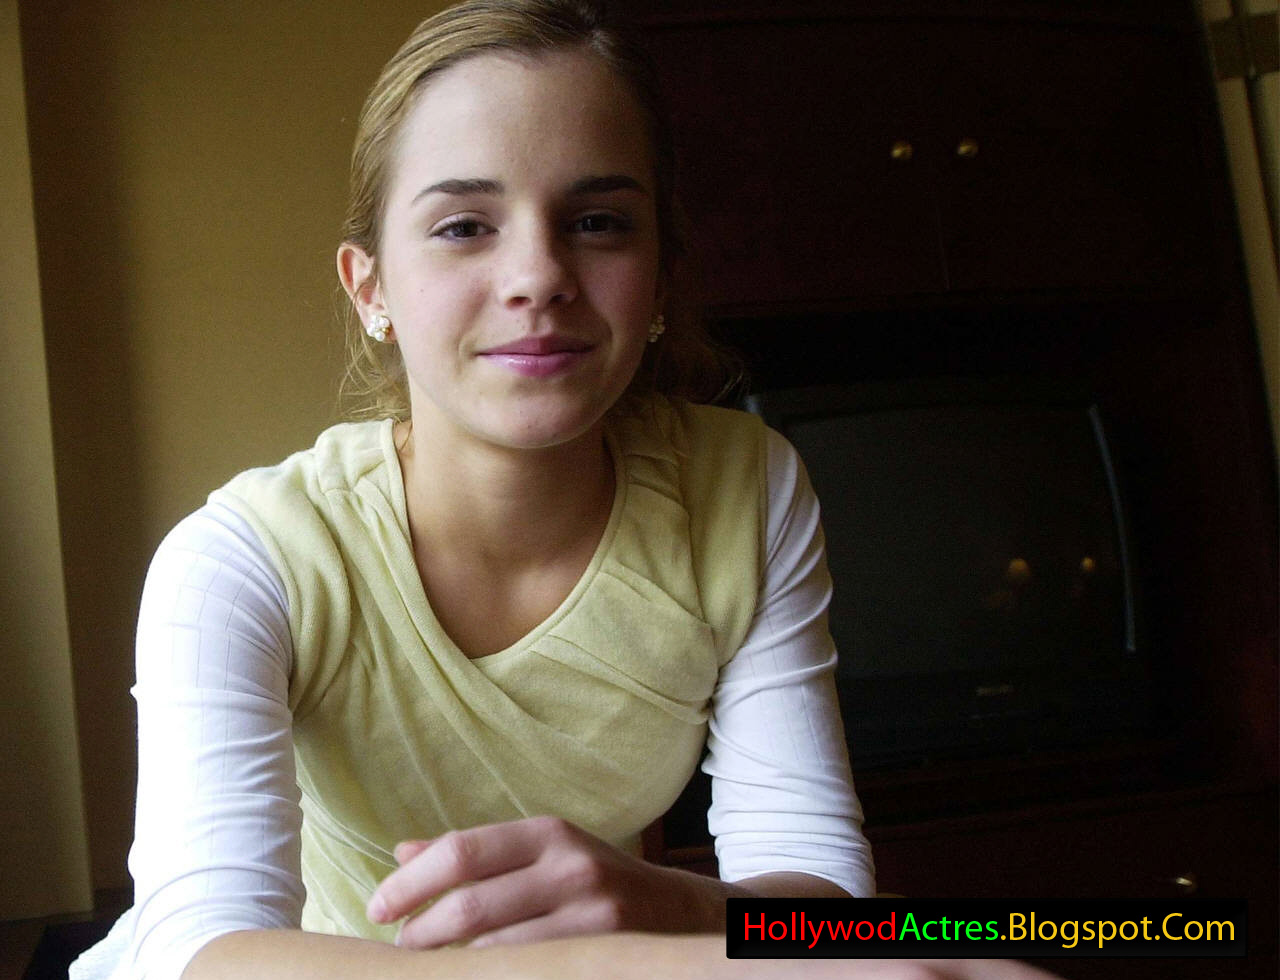 Hollywood Actress: Emma Watson Hollywood Actress HD Wallpapers